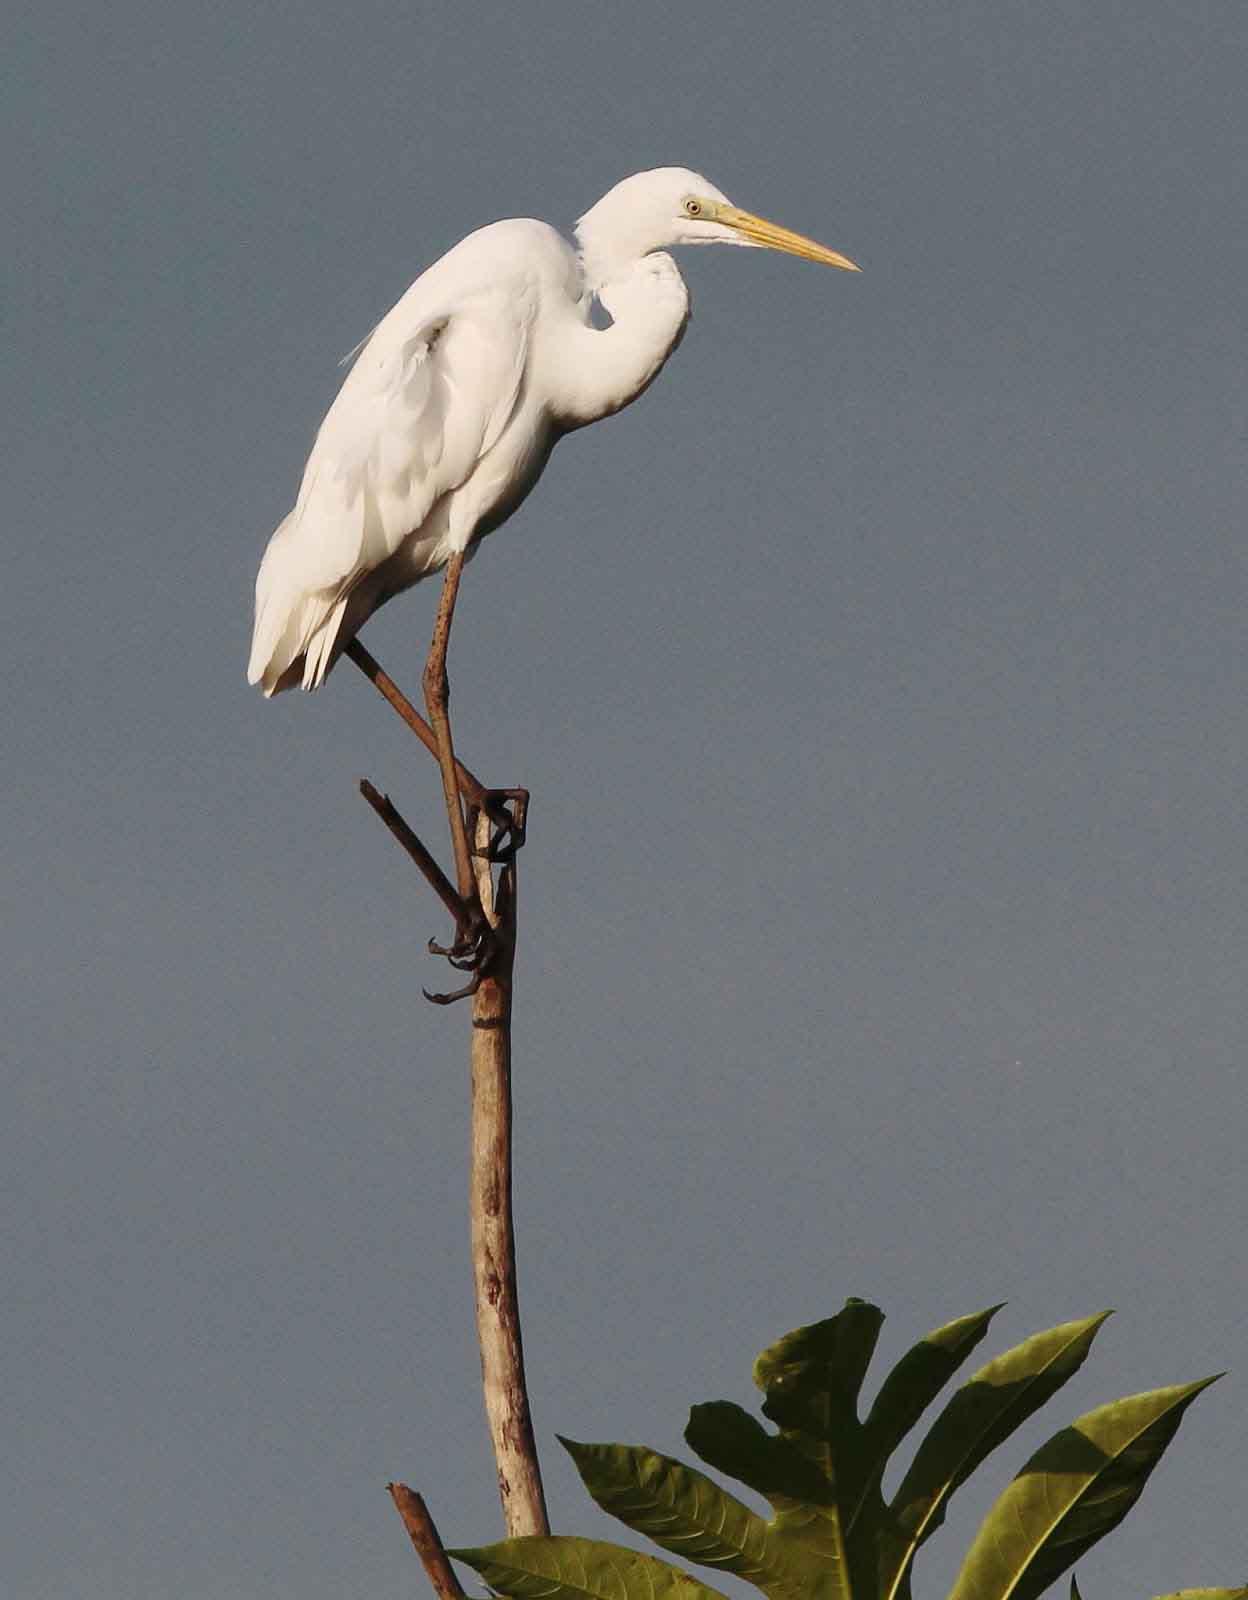 Intermediate egret photos